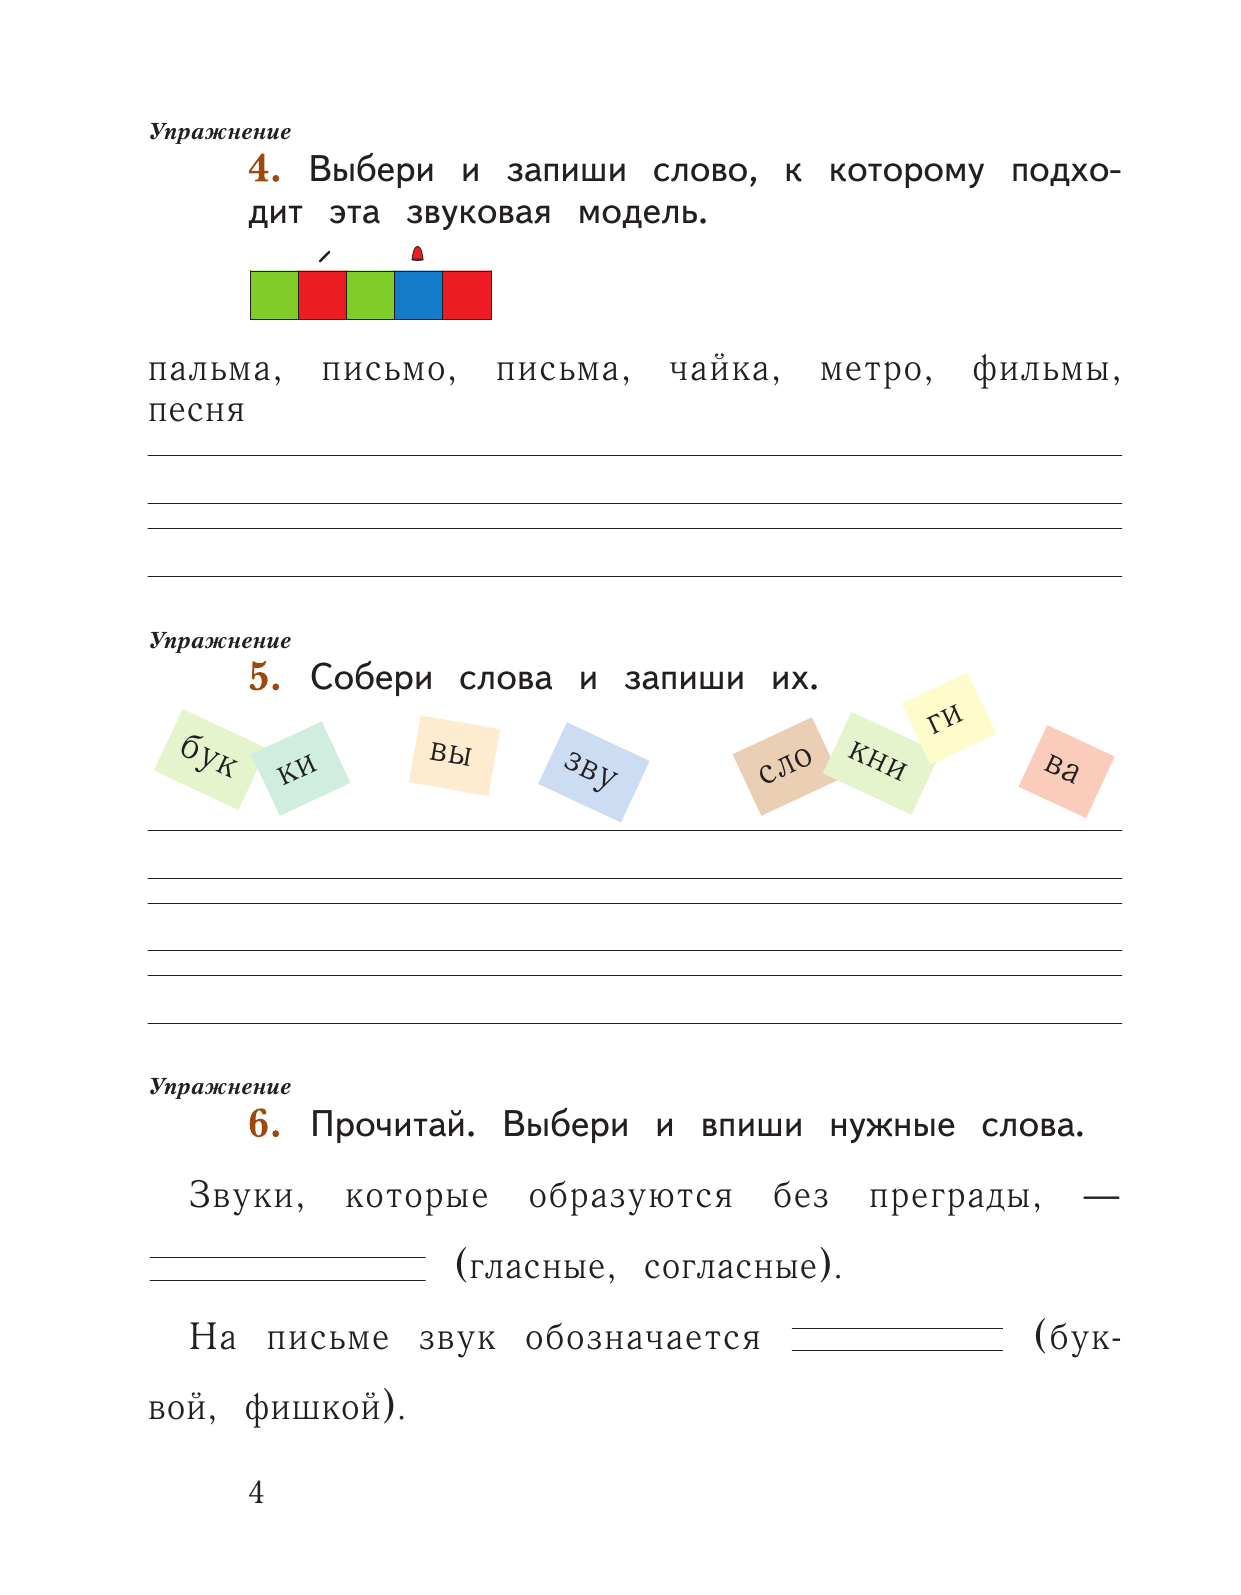 Гдз По Русскому Языку 1 Класс Рабочая Тетрадь Иванова Евдокимова 2 Часть